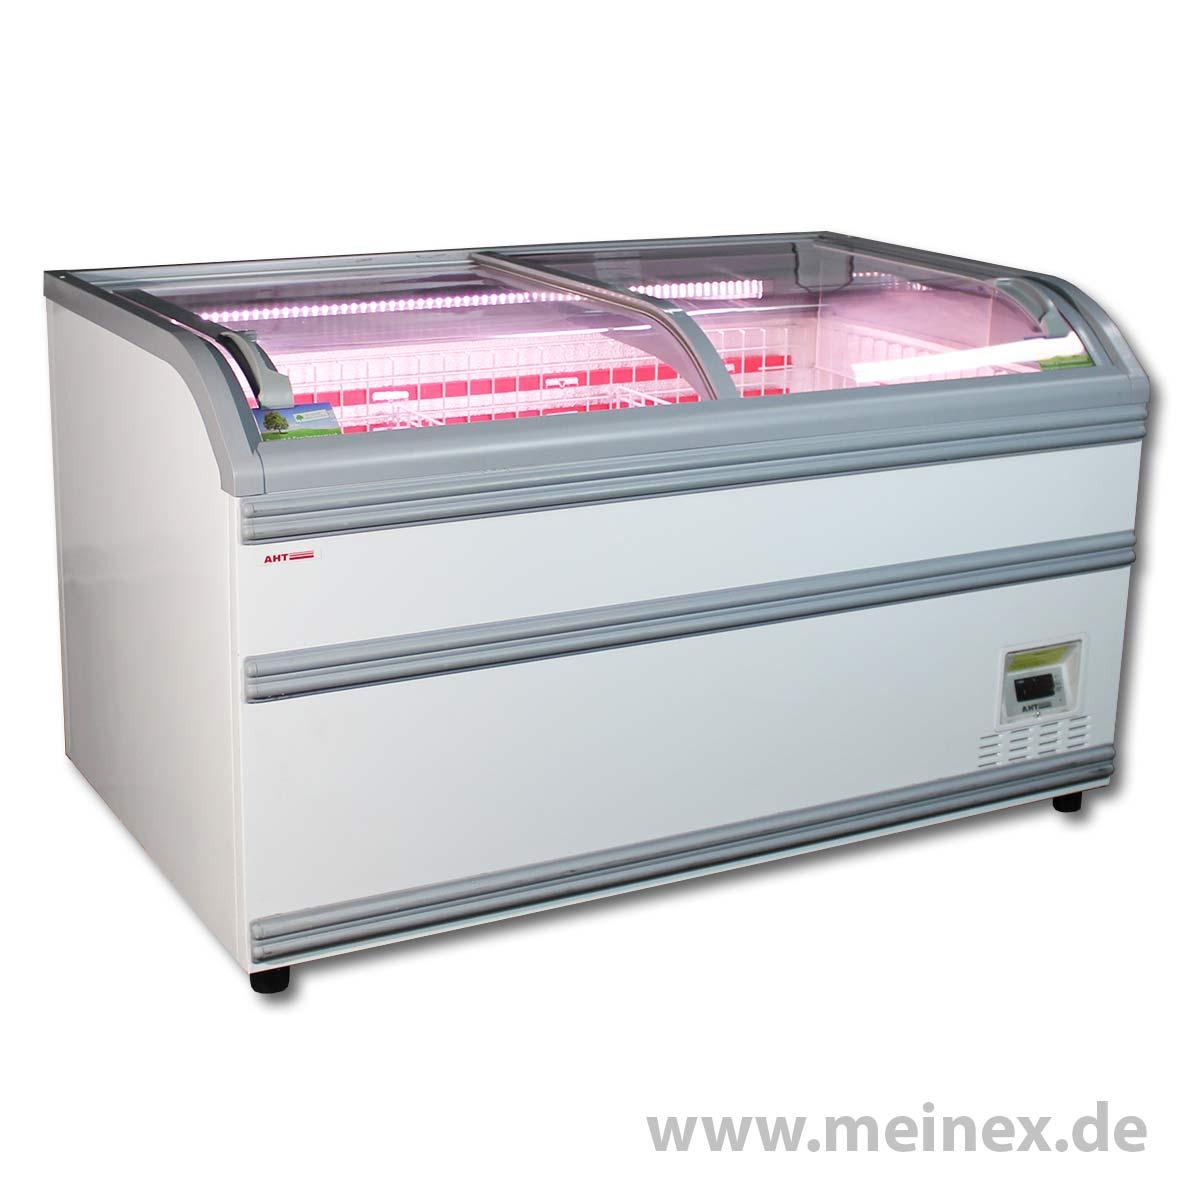 Meinex